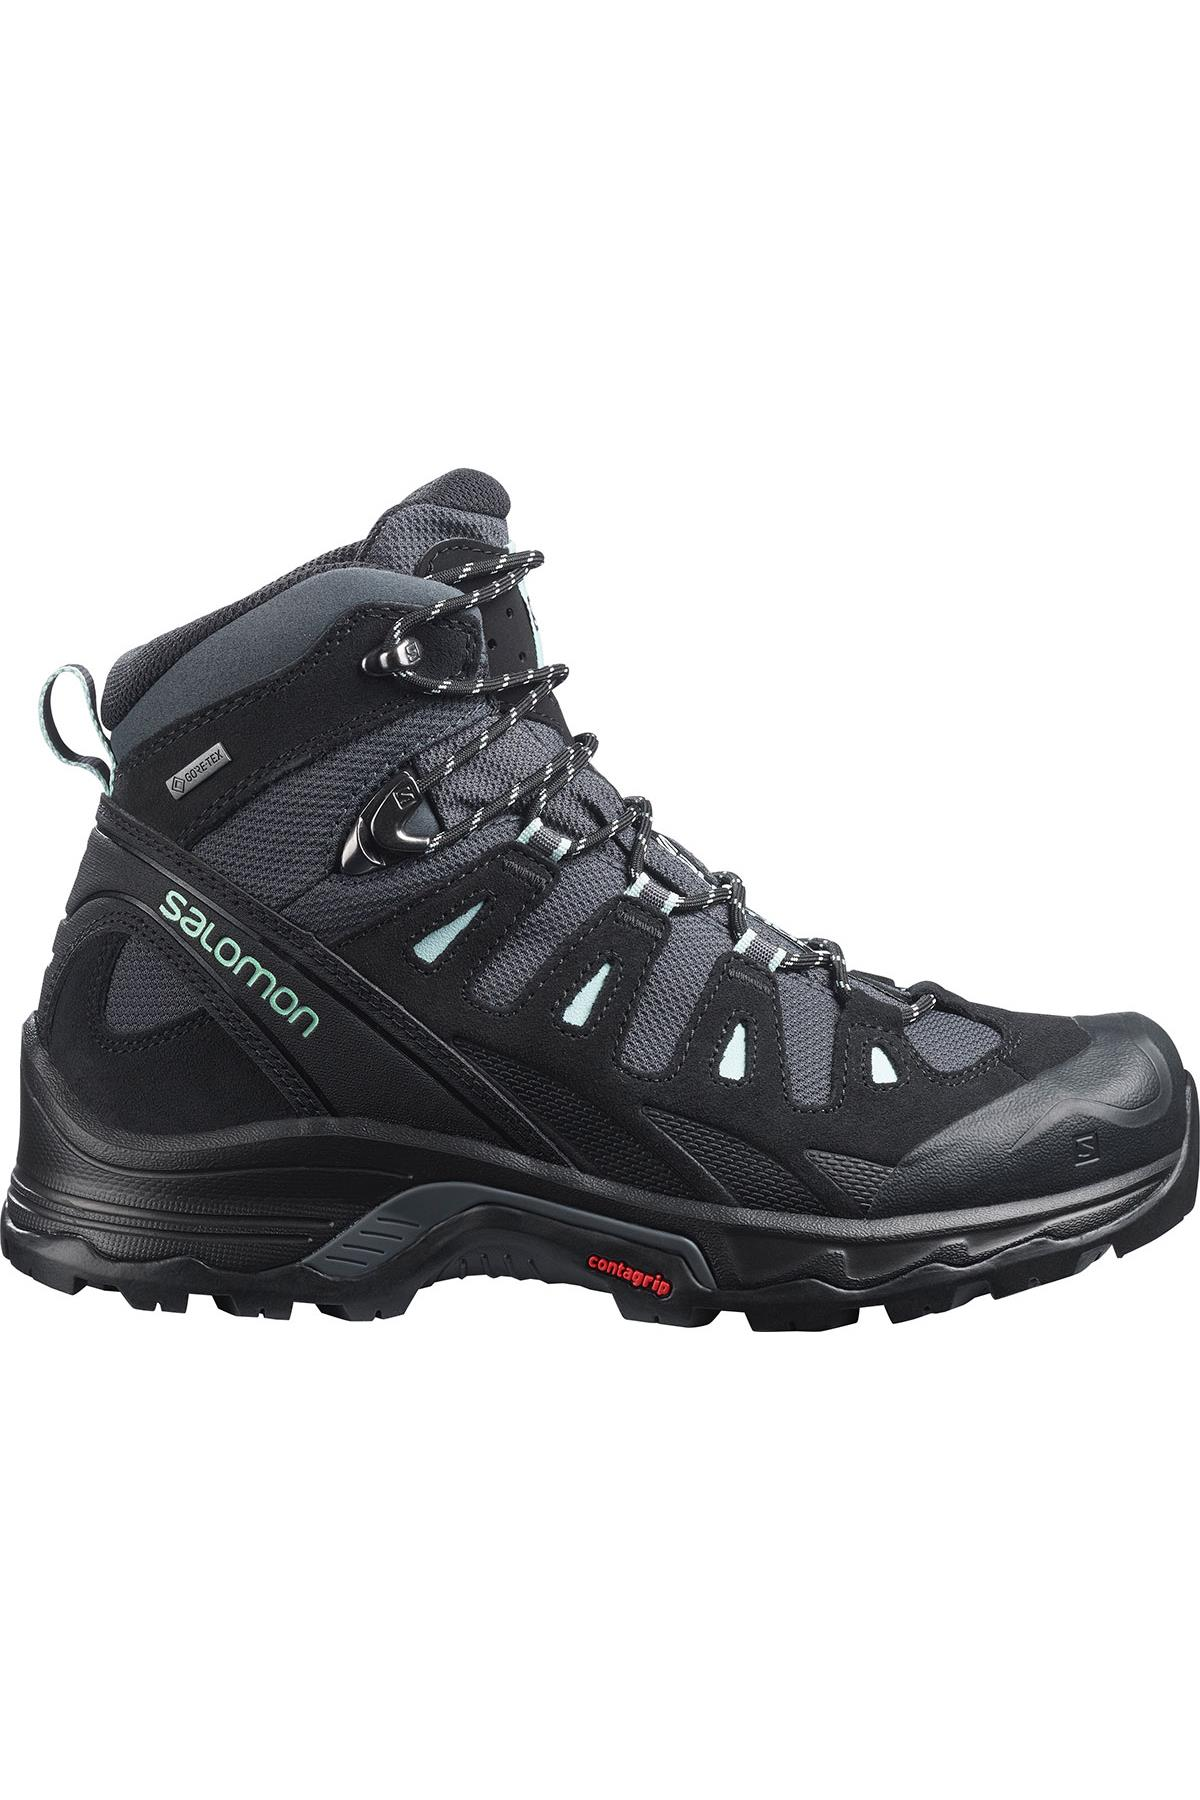 Salomon QUEST PRIME GTX W Bayan Ayakkabı L41129900